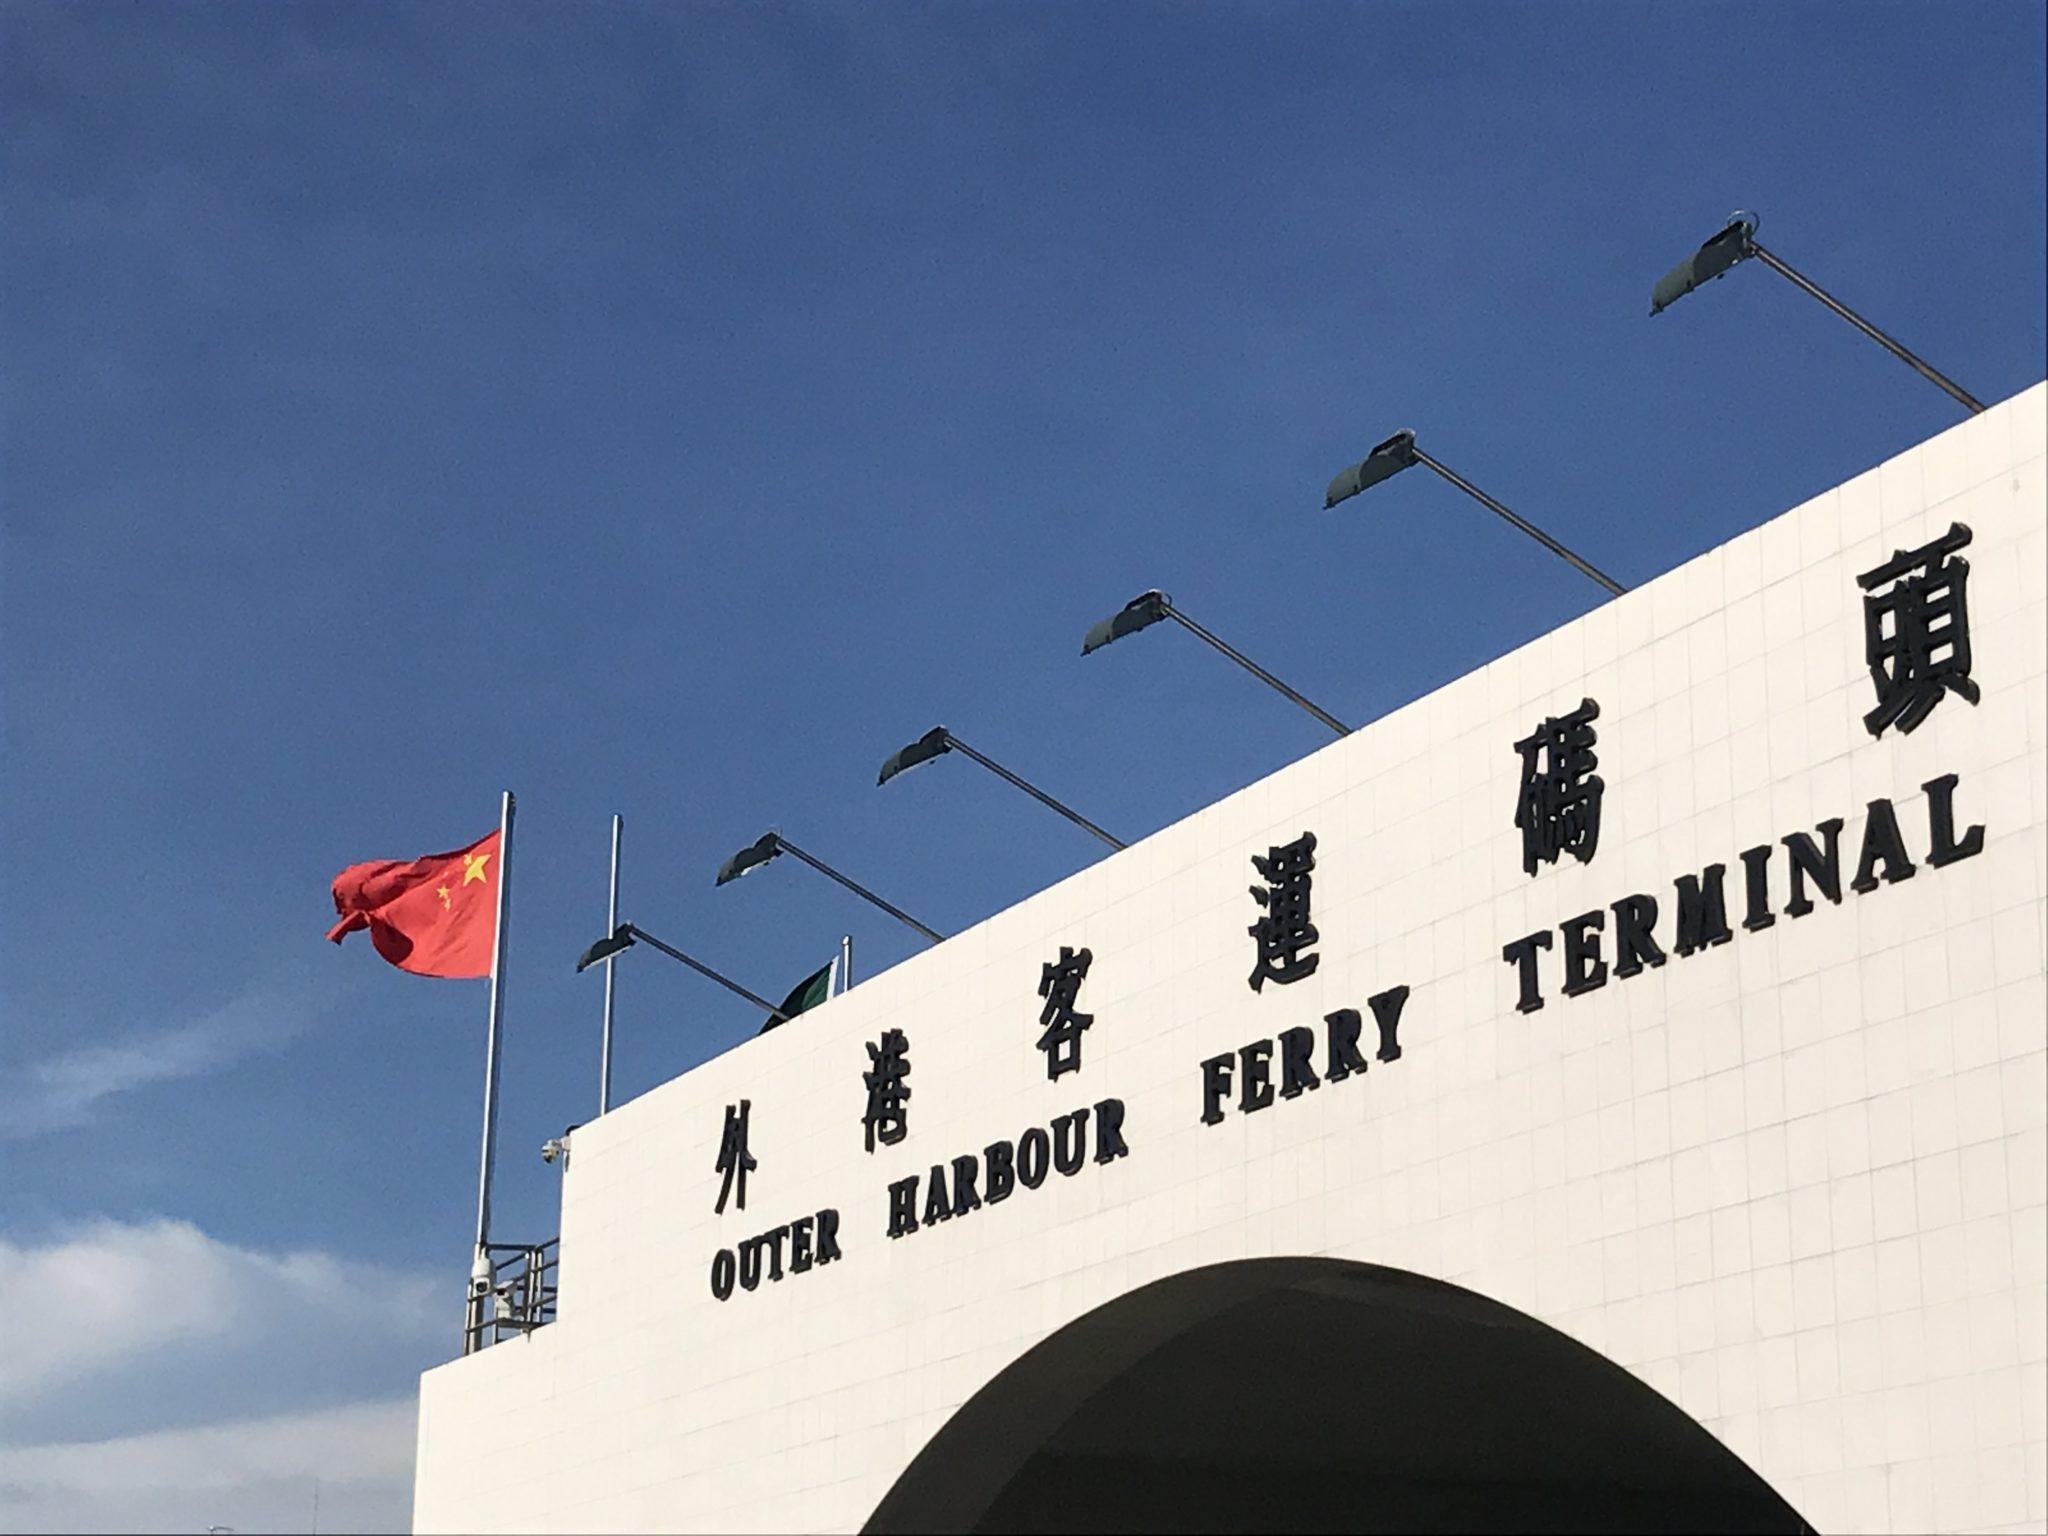 Terminal Marítimo | STDM regressa à gestão em regime de exclusividade